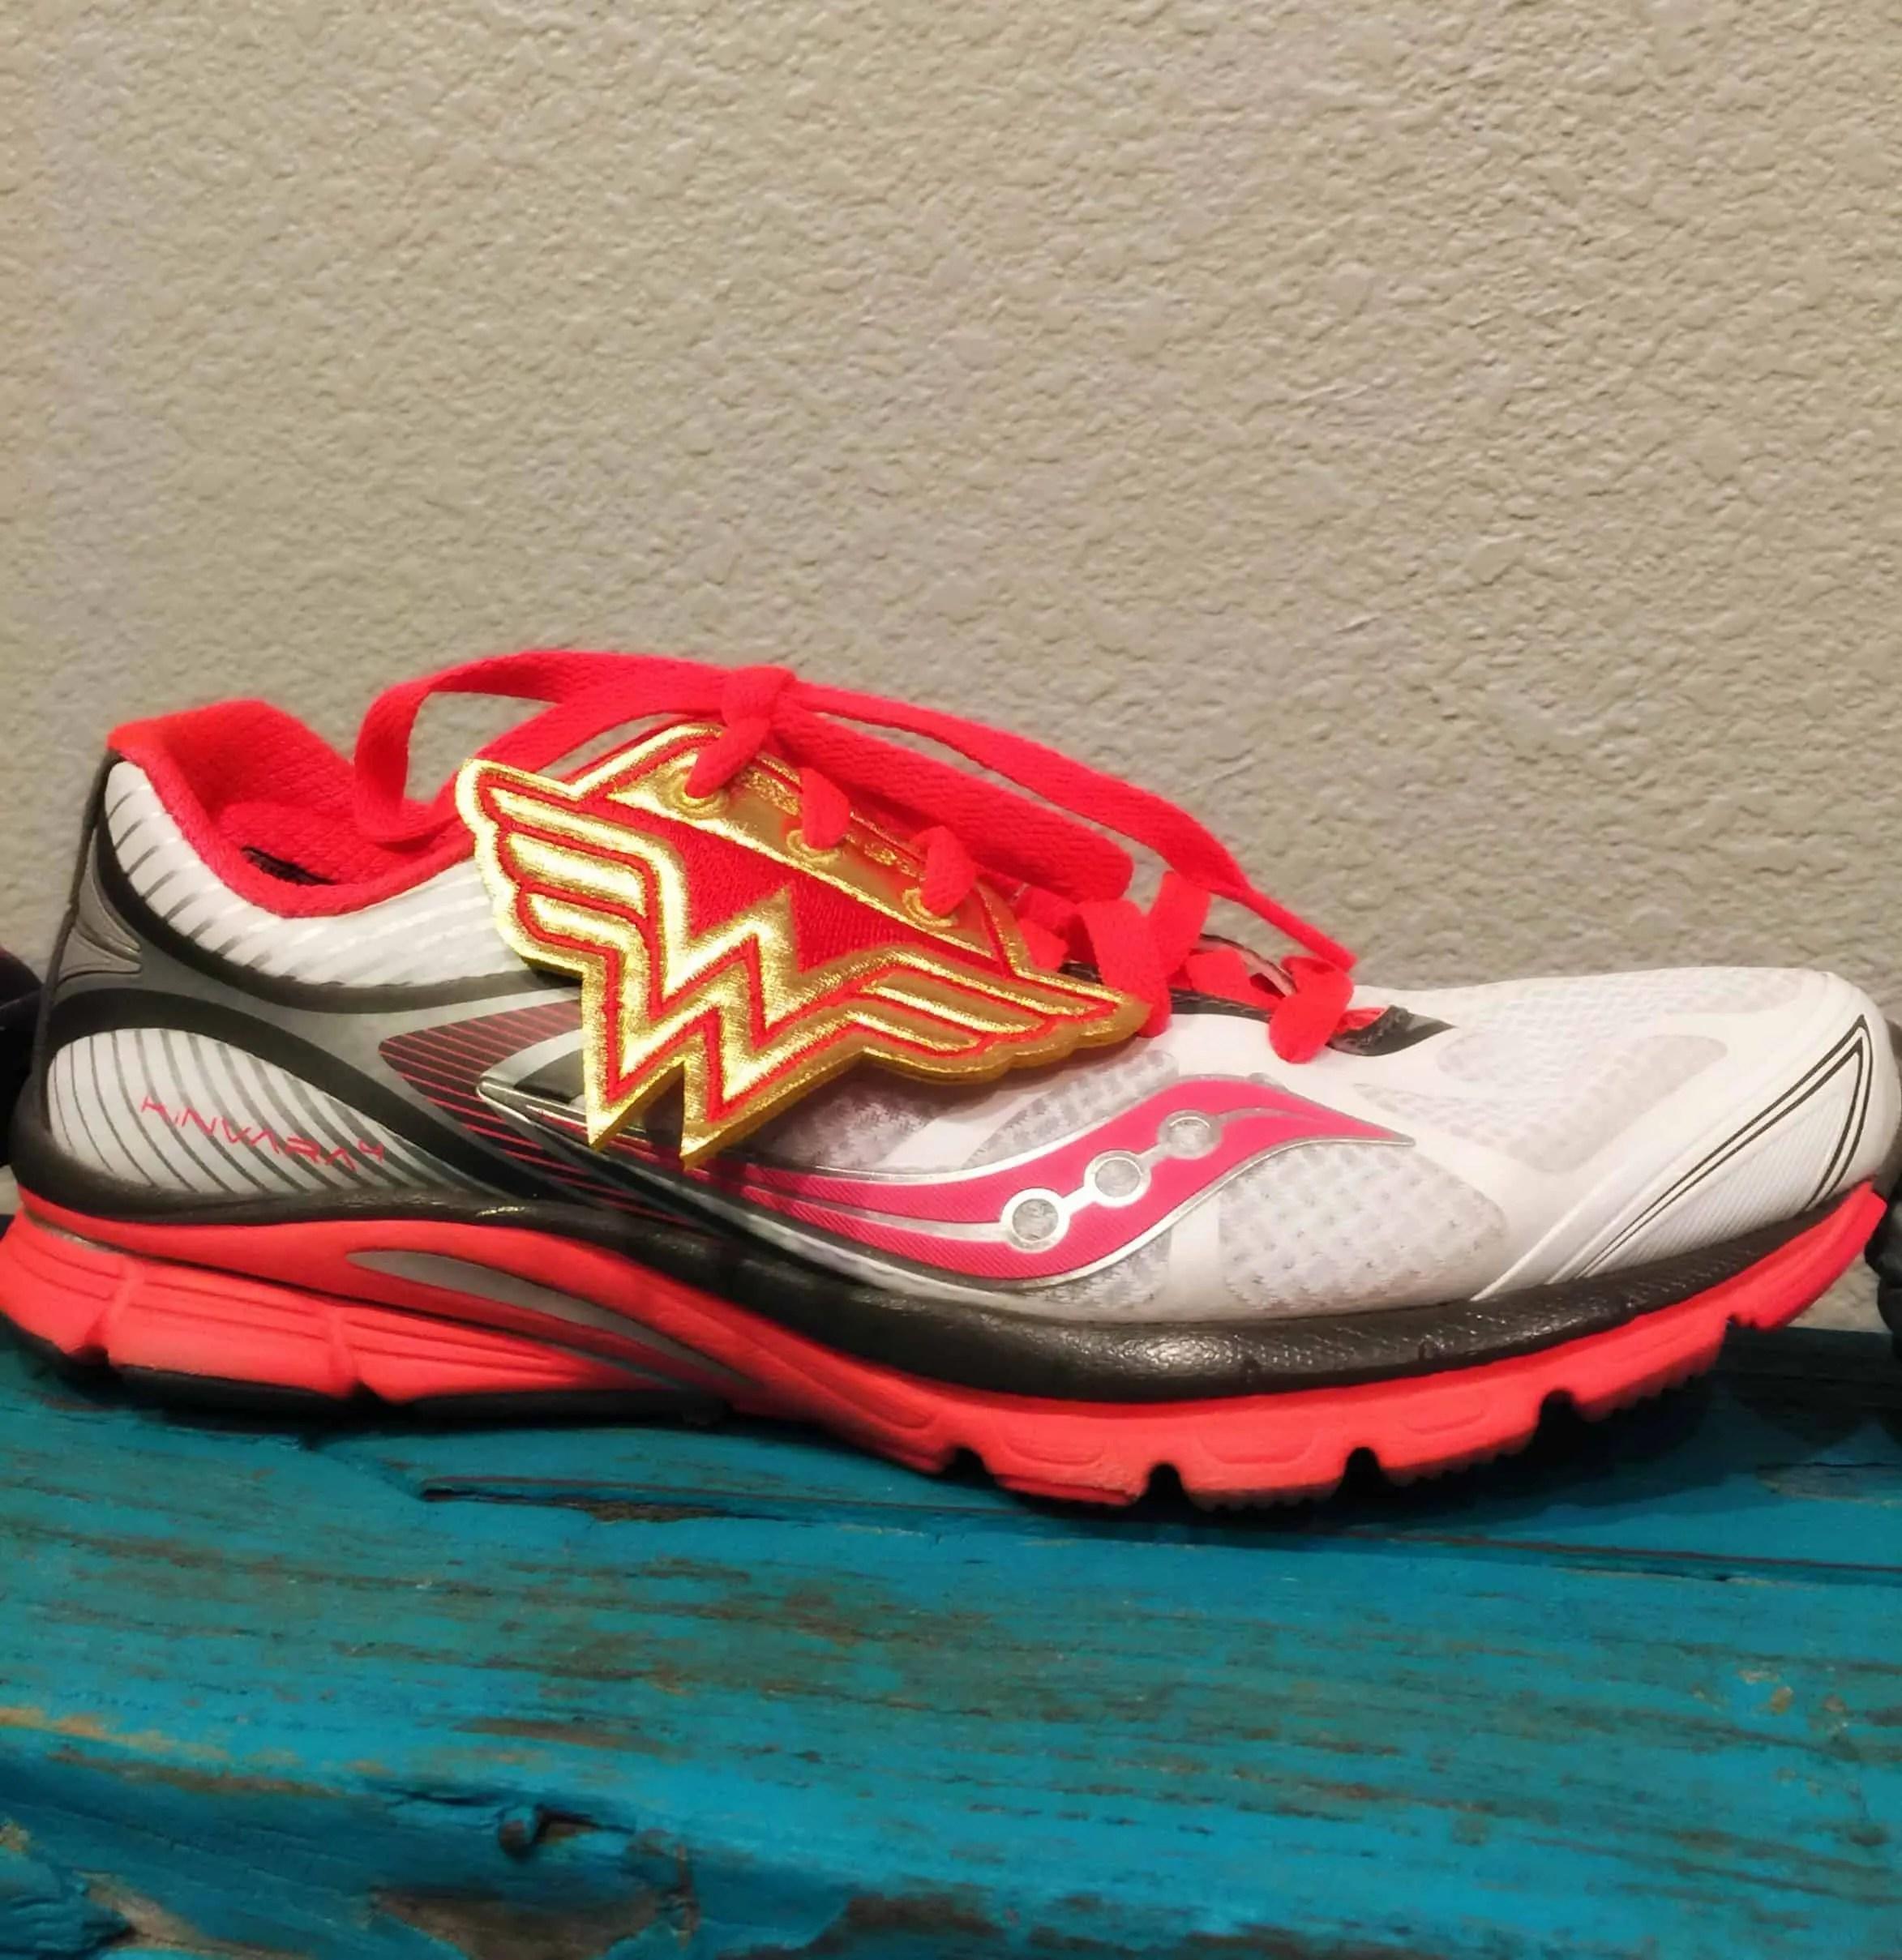 Wonder woman shoe bling